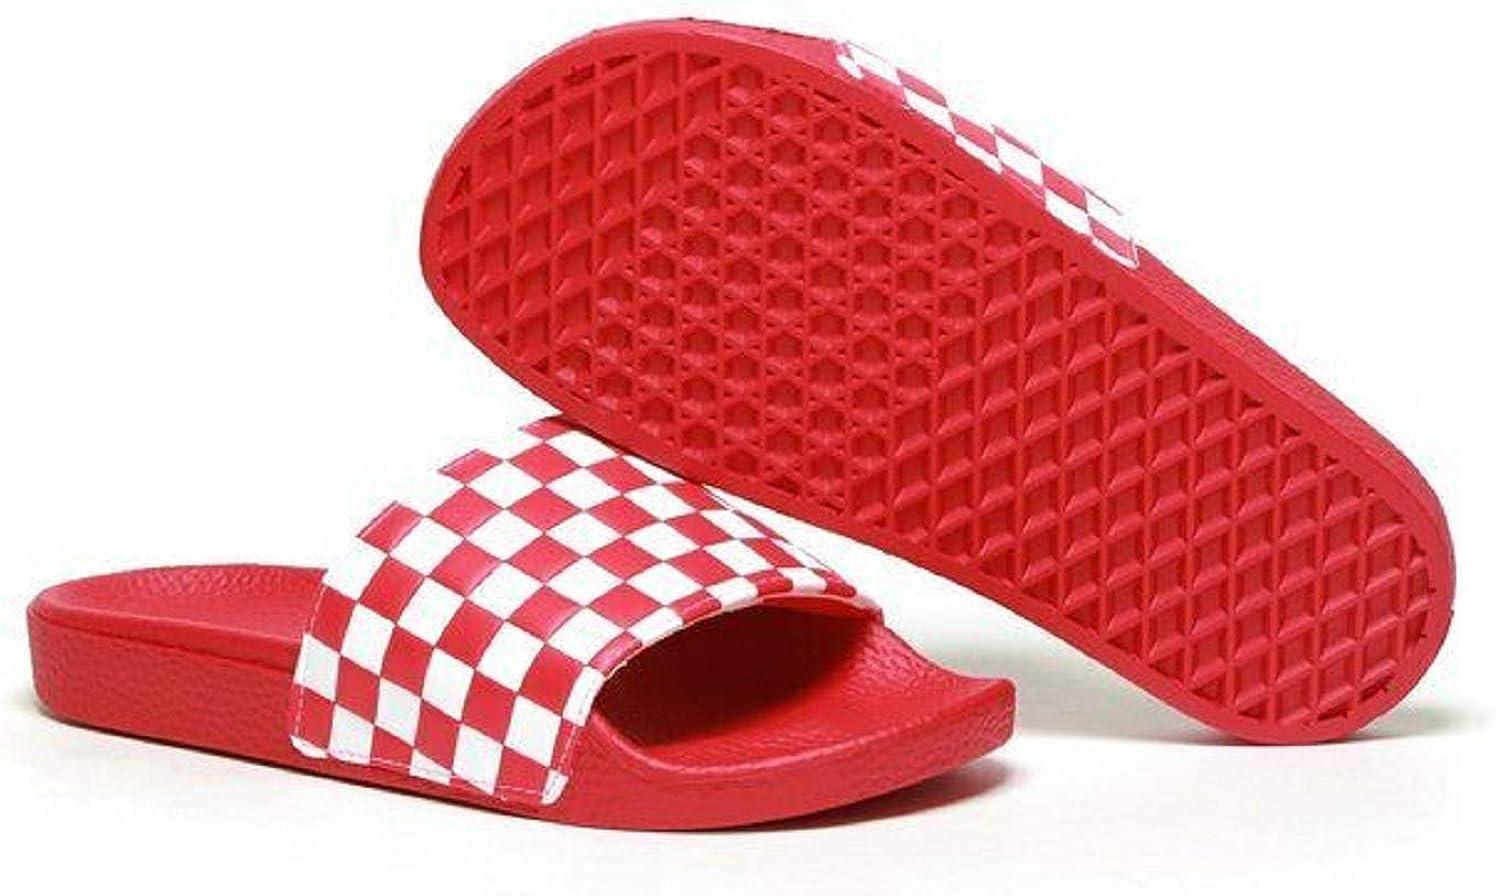 Vans Women Flip Flop | Flip-Flops